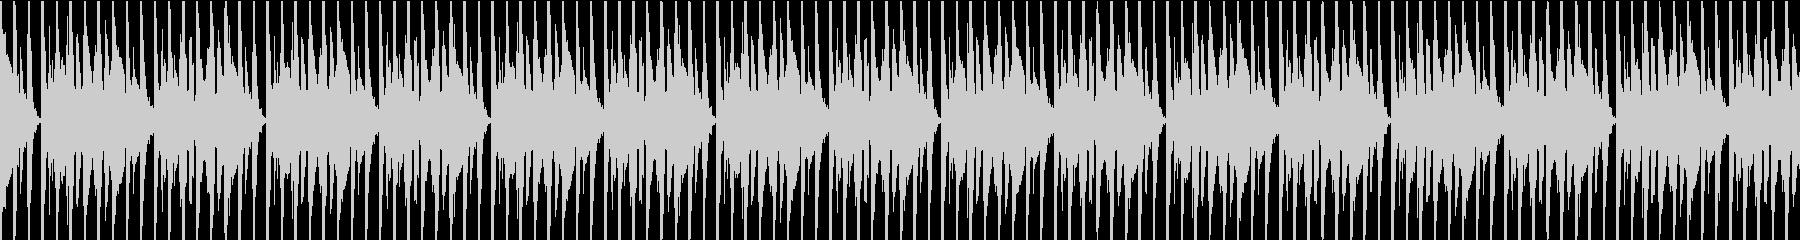 シンプルなダンスビートのループの未再生の波形